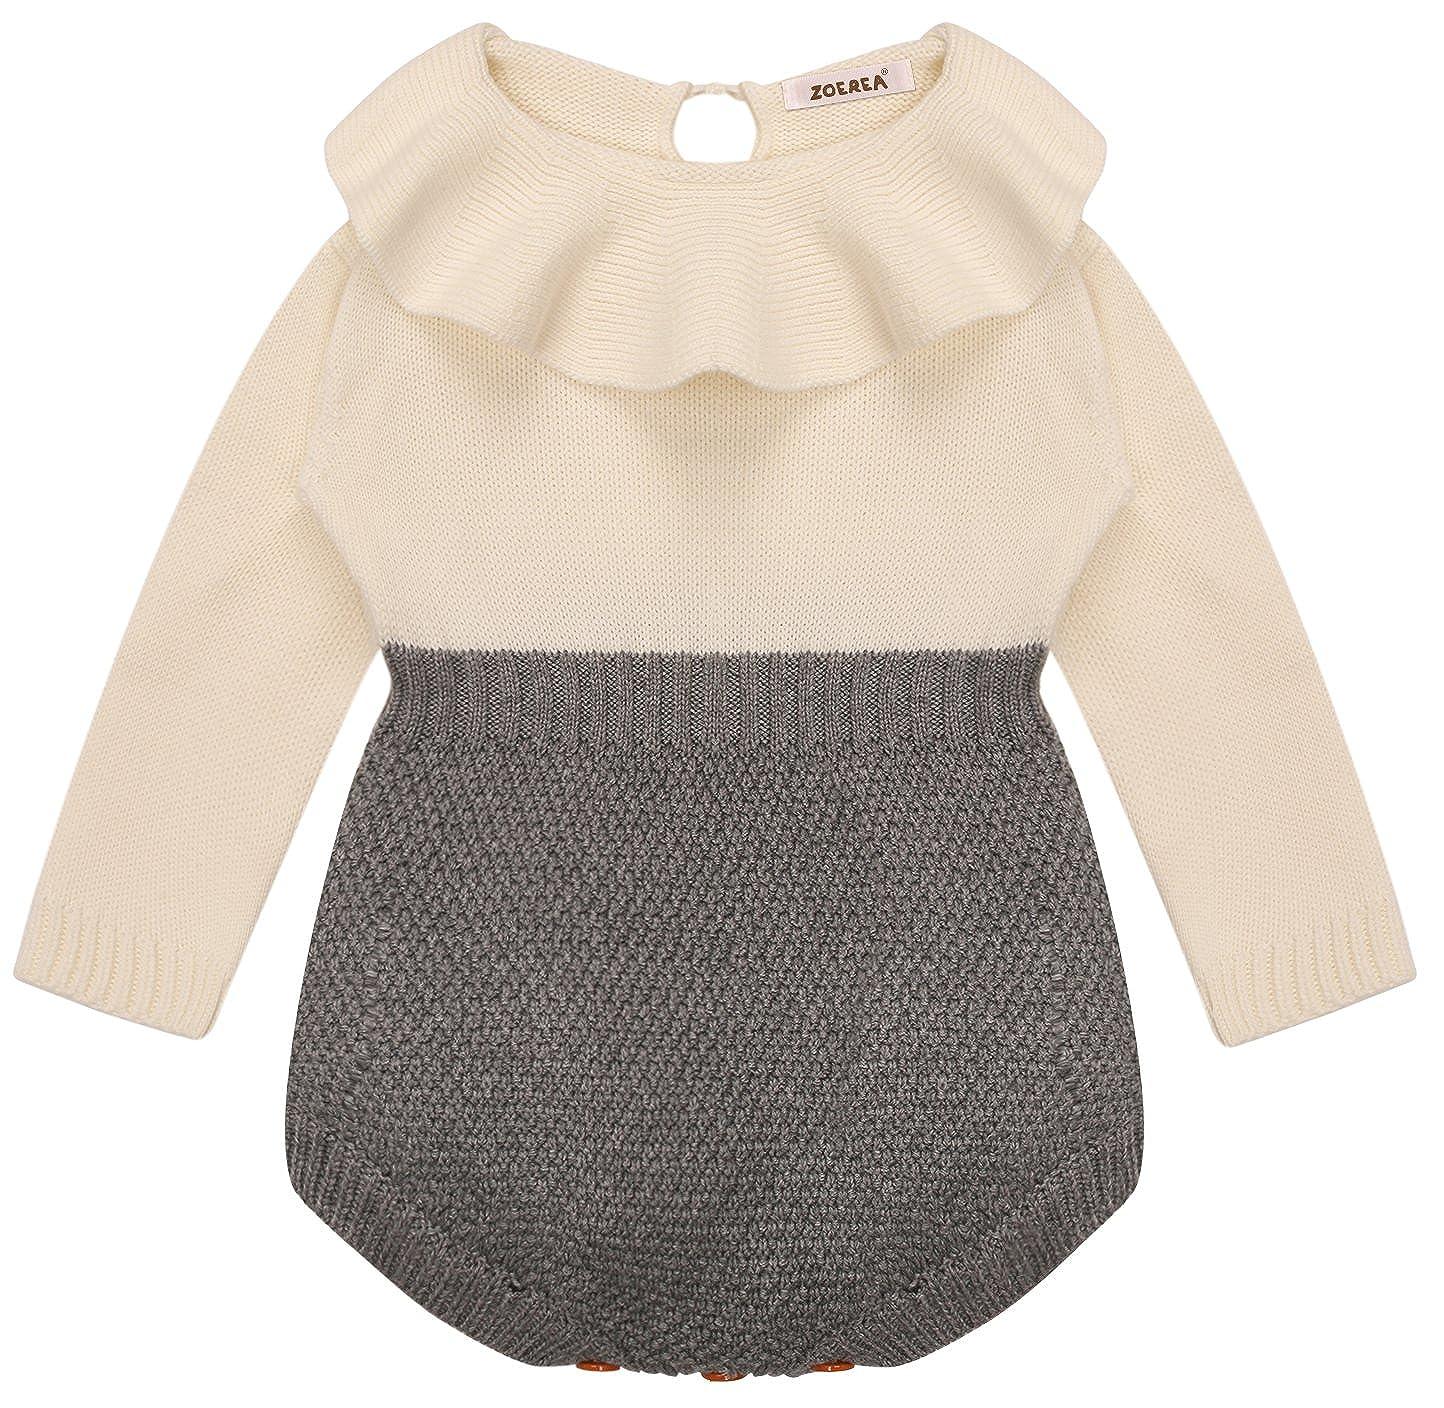 Zoerea Neonata bambina pagliaccetto ragazze lavorata a maglia Vestito Maniche lunghe per 3-36 mesi